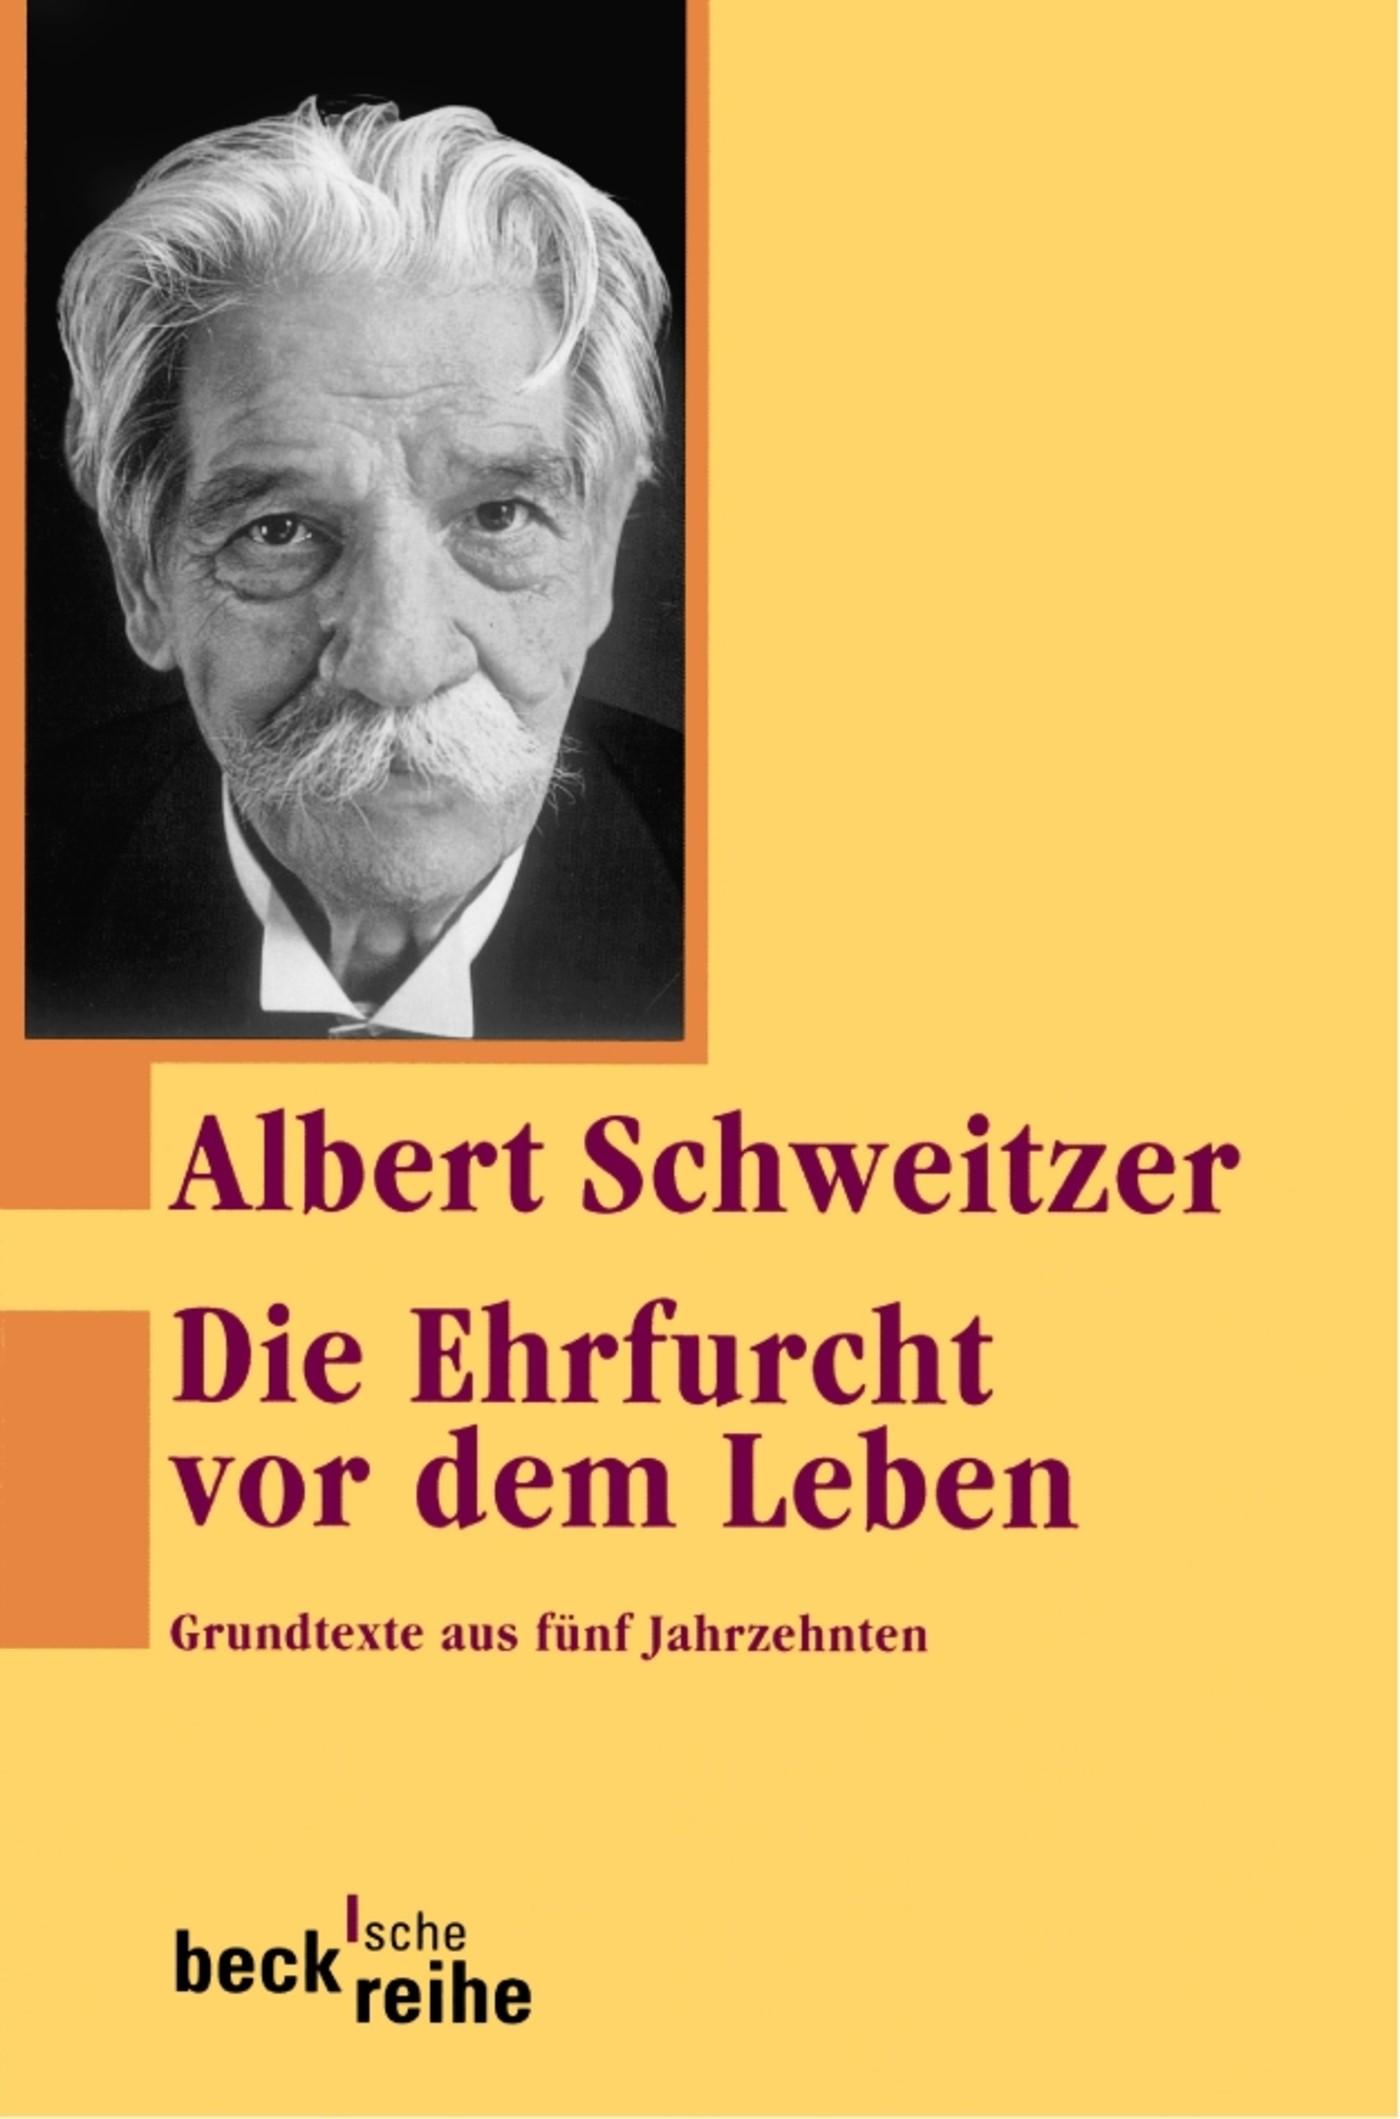 Cover des Buches 'Die Ehrfurcht vor dem Leben'